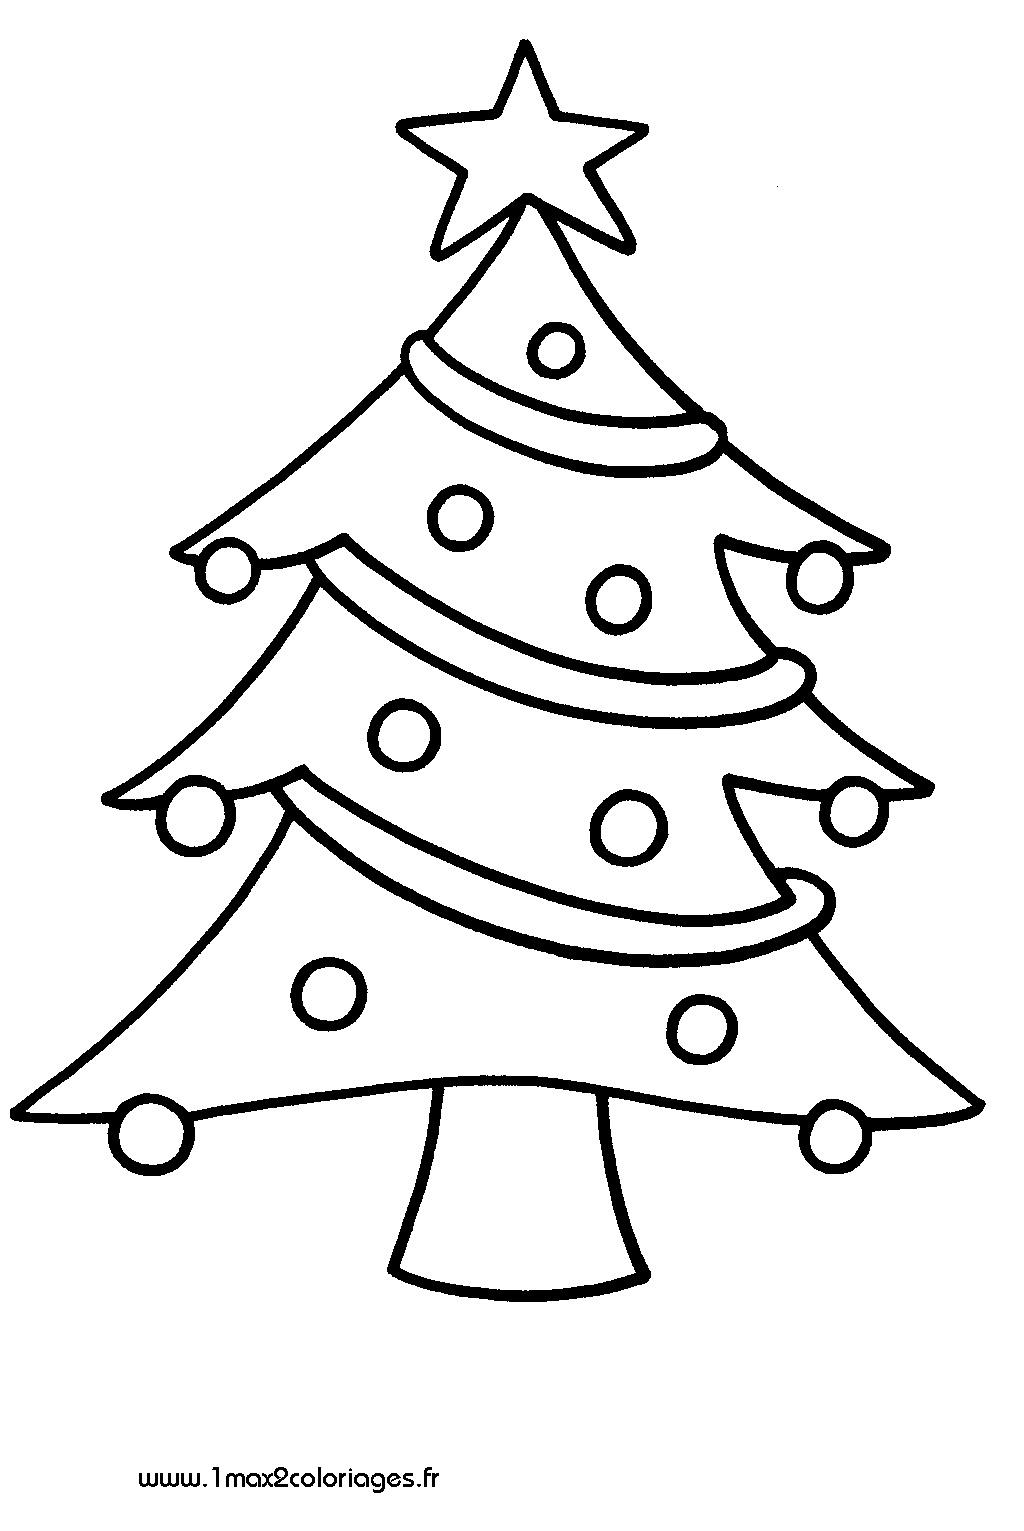 Coloriages à imprimer : Sapin de Noël, numéro : 50889